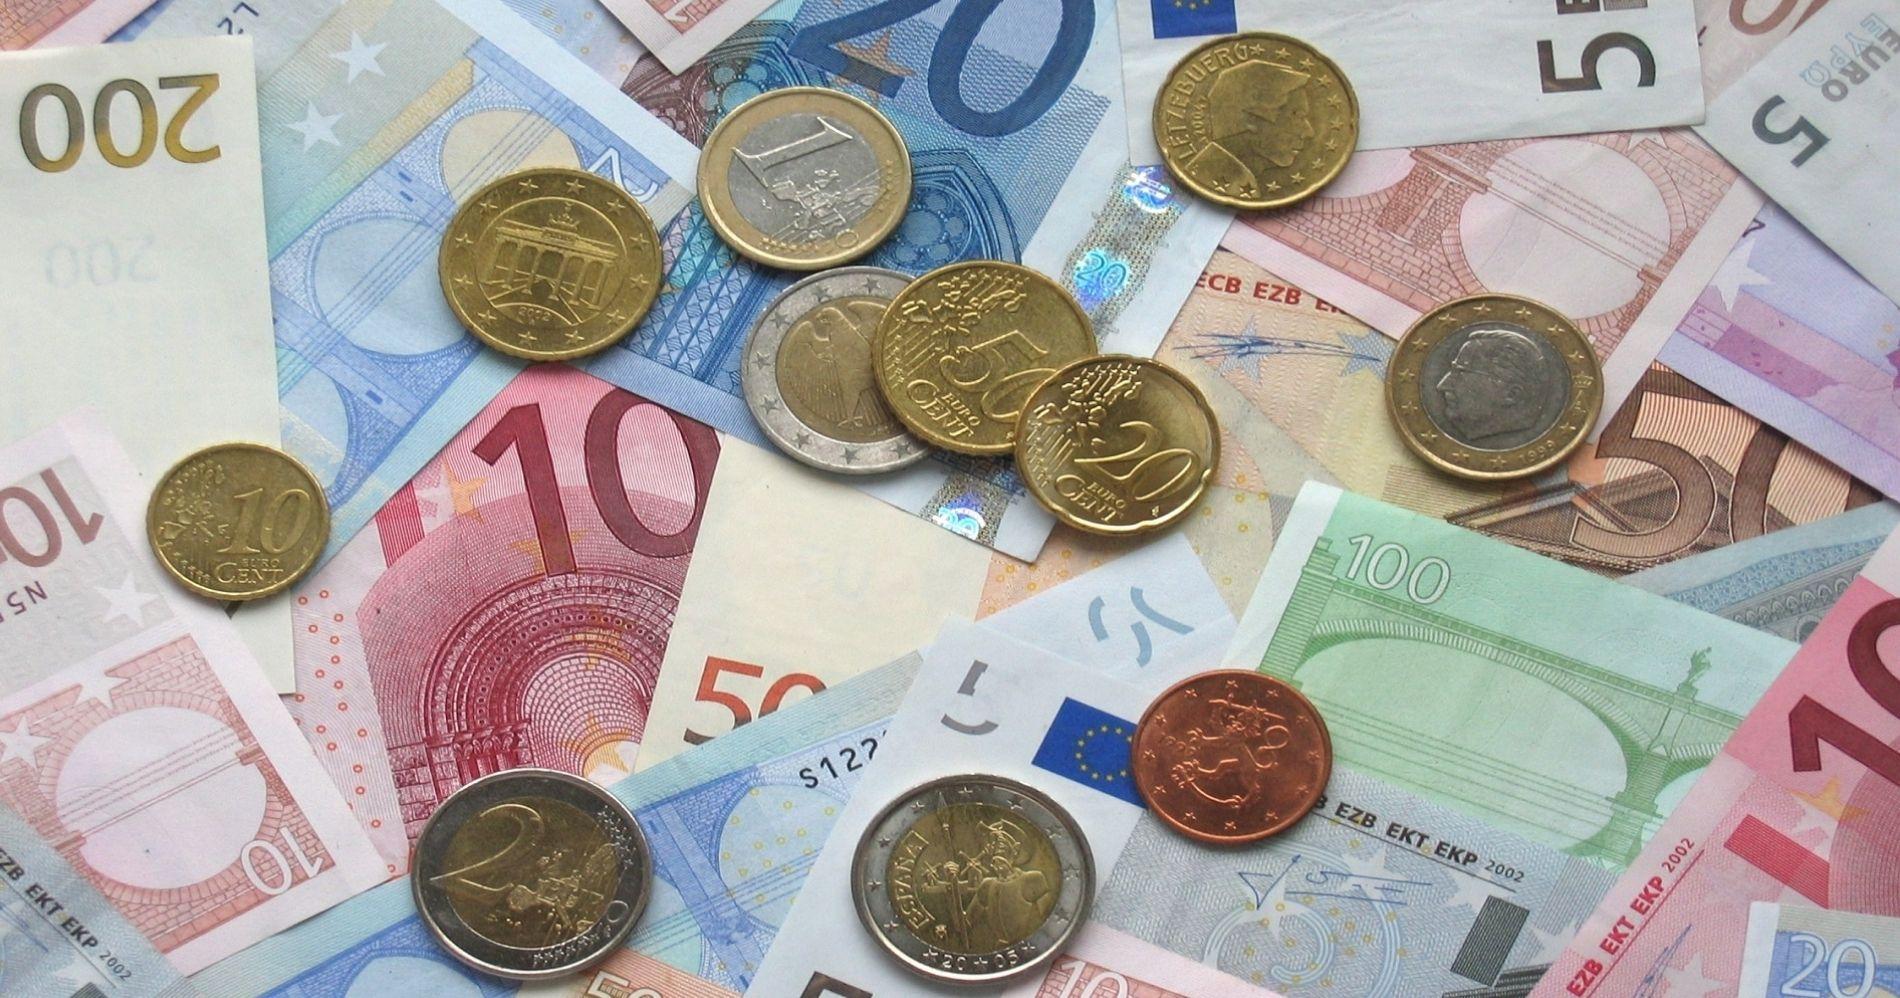 Ilustrasi Gambar Uang Koin dan Kertas yang bisa ditukarkan di Bank Indonesia dan Umum - Bisnis Muda - Canva.com